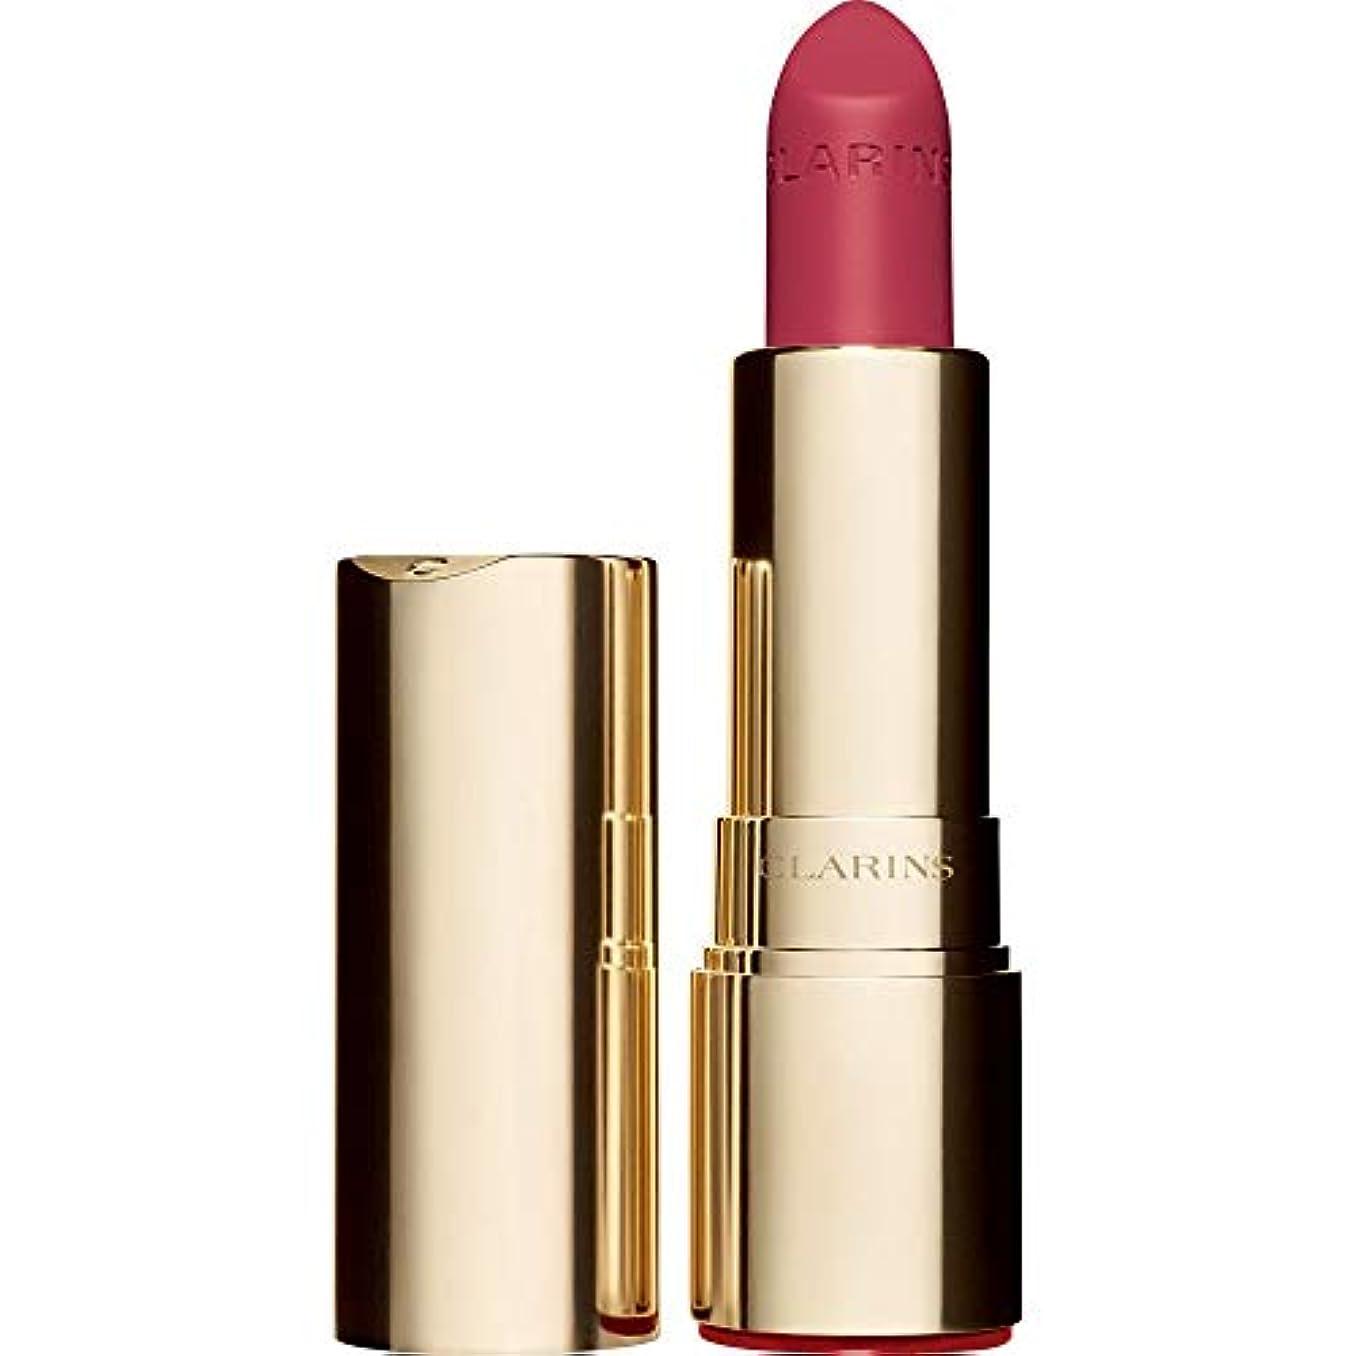 警告する香ばしいそばに[Clarins ] クラランスジョリルージュのベルベットの口紅3.5グラムの756V - グアバ - Clarins Joli Rouge Velvet Lipstick 3.5g 756V - Guava [並行輸入品]